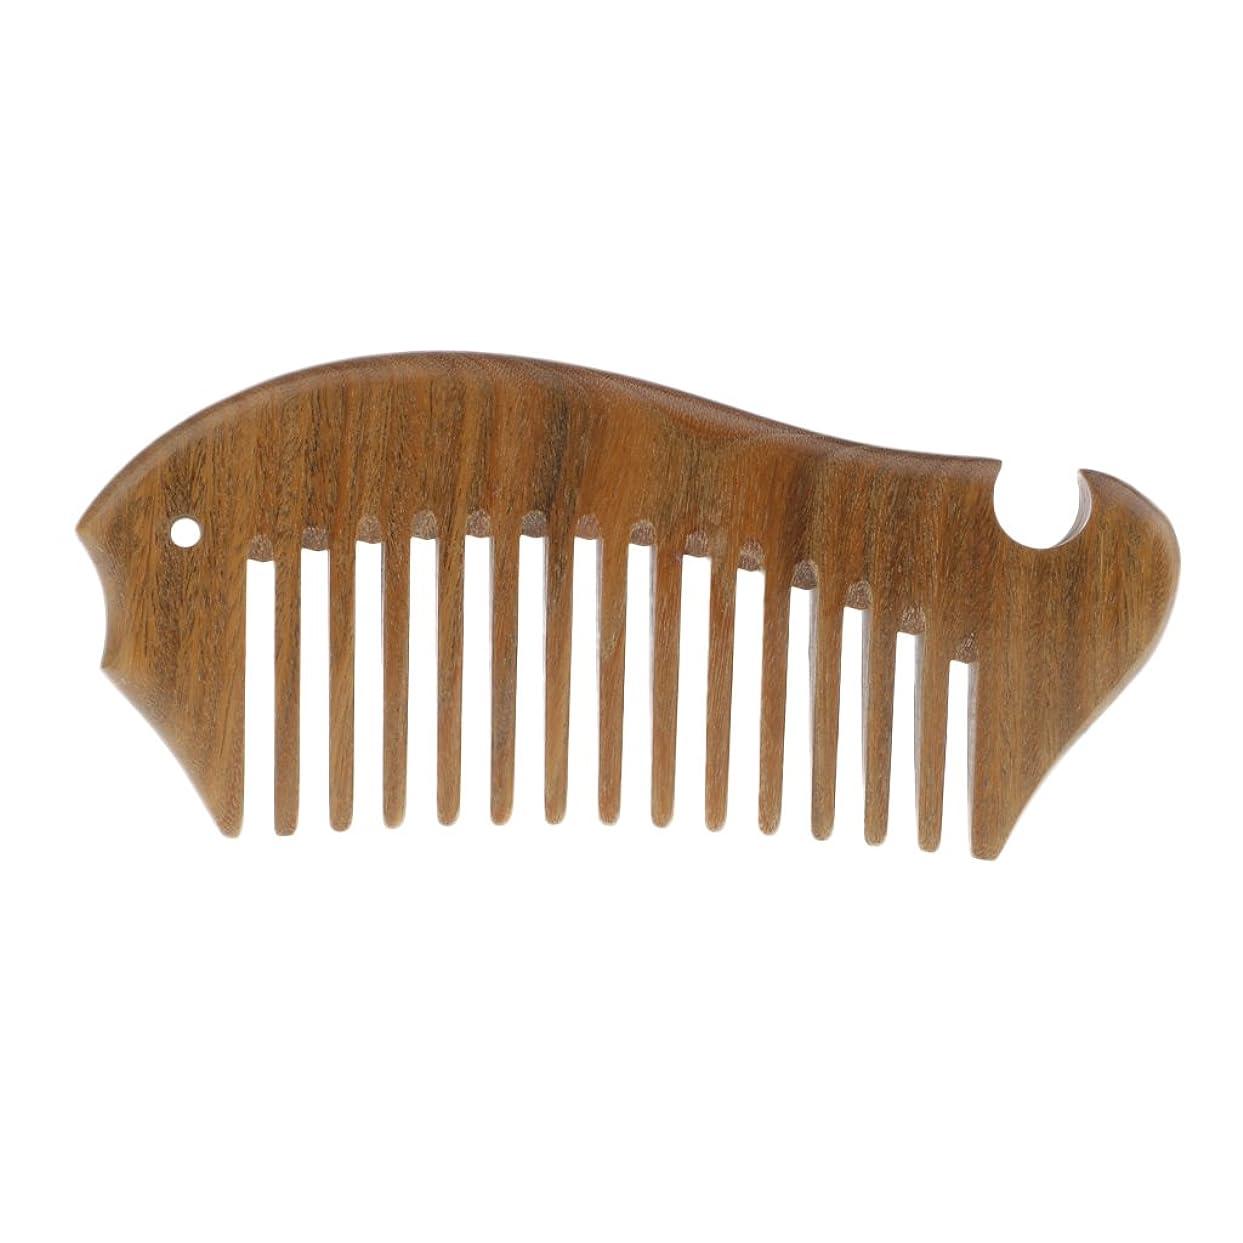 悲惨環境に優しい尊敬するgazechimp 木製櫛 帯電防止櫛 ヘアコーム 頭皮 ケア マッサージ